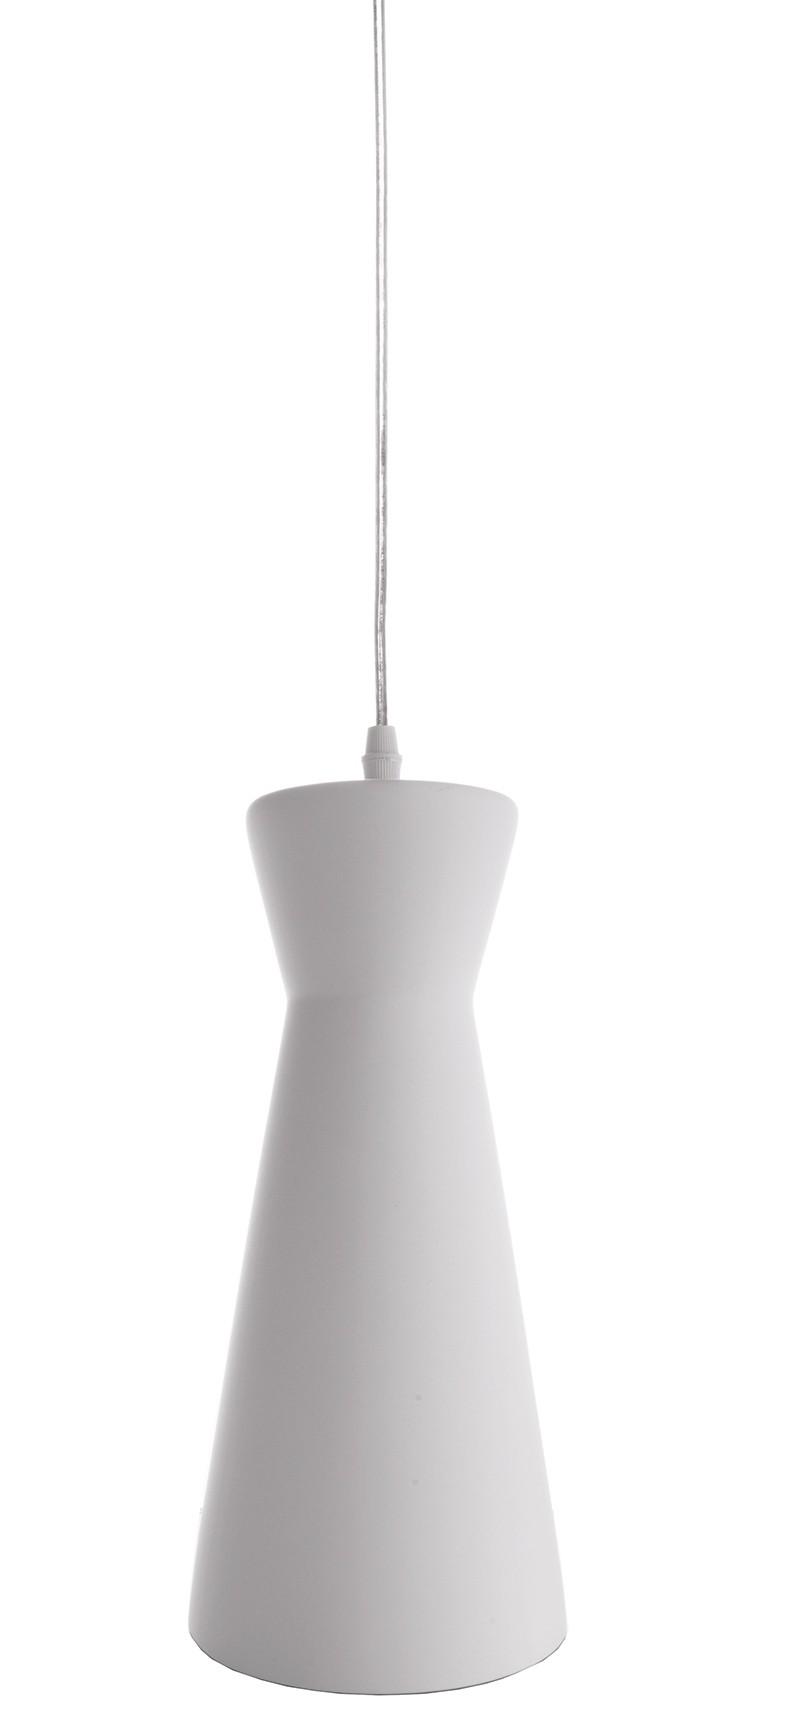 Gips pendelleuchte pendellampe h ngeleuchte h ngelampe for Deckenlampe e27